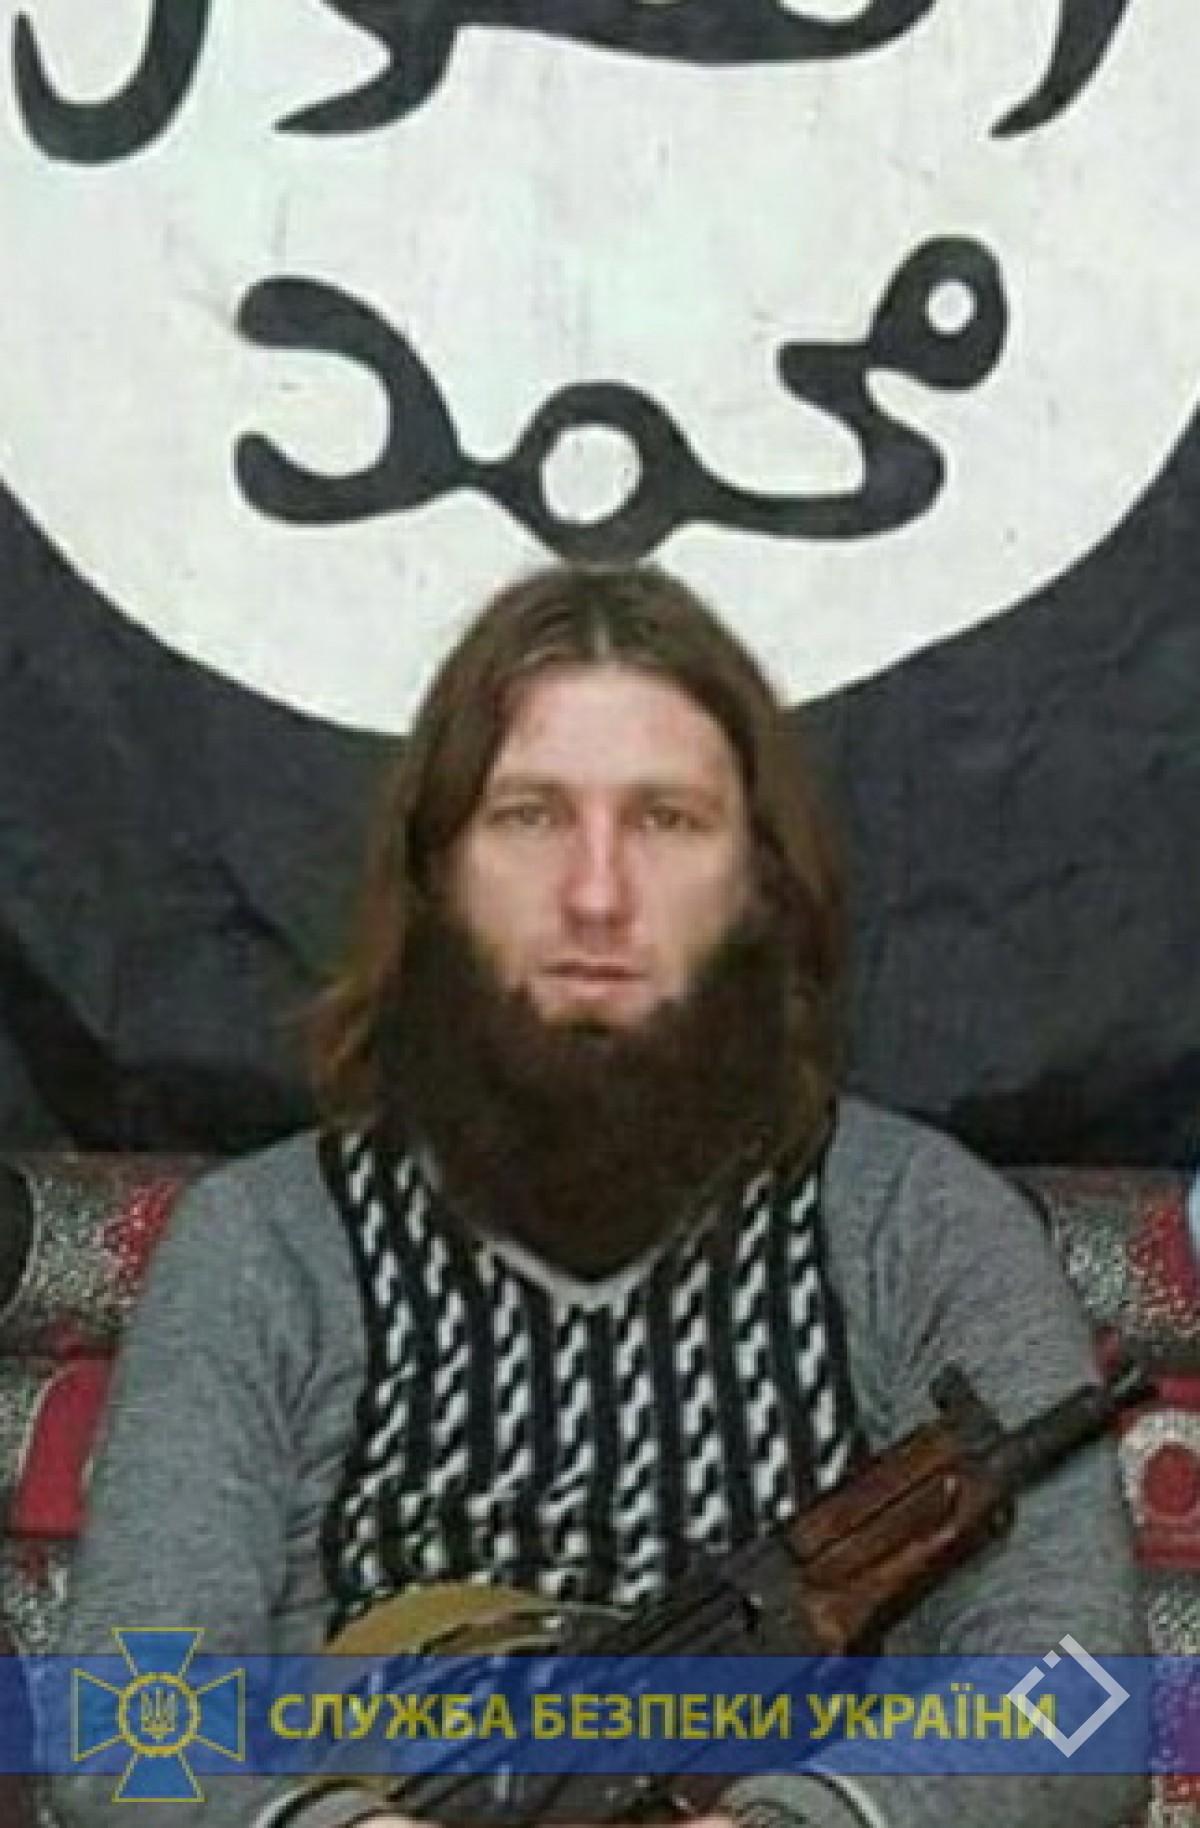 """ე.წ. """"ისლამური სახელმწიფოს"""" ერთ-ერთი ლიდერი, საქართველოს მოქალაქე ცეზარ ტოხოსაშვილი დააკავეს"""